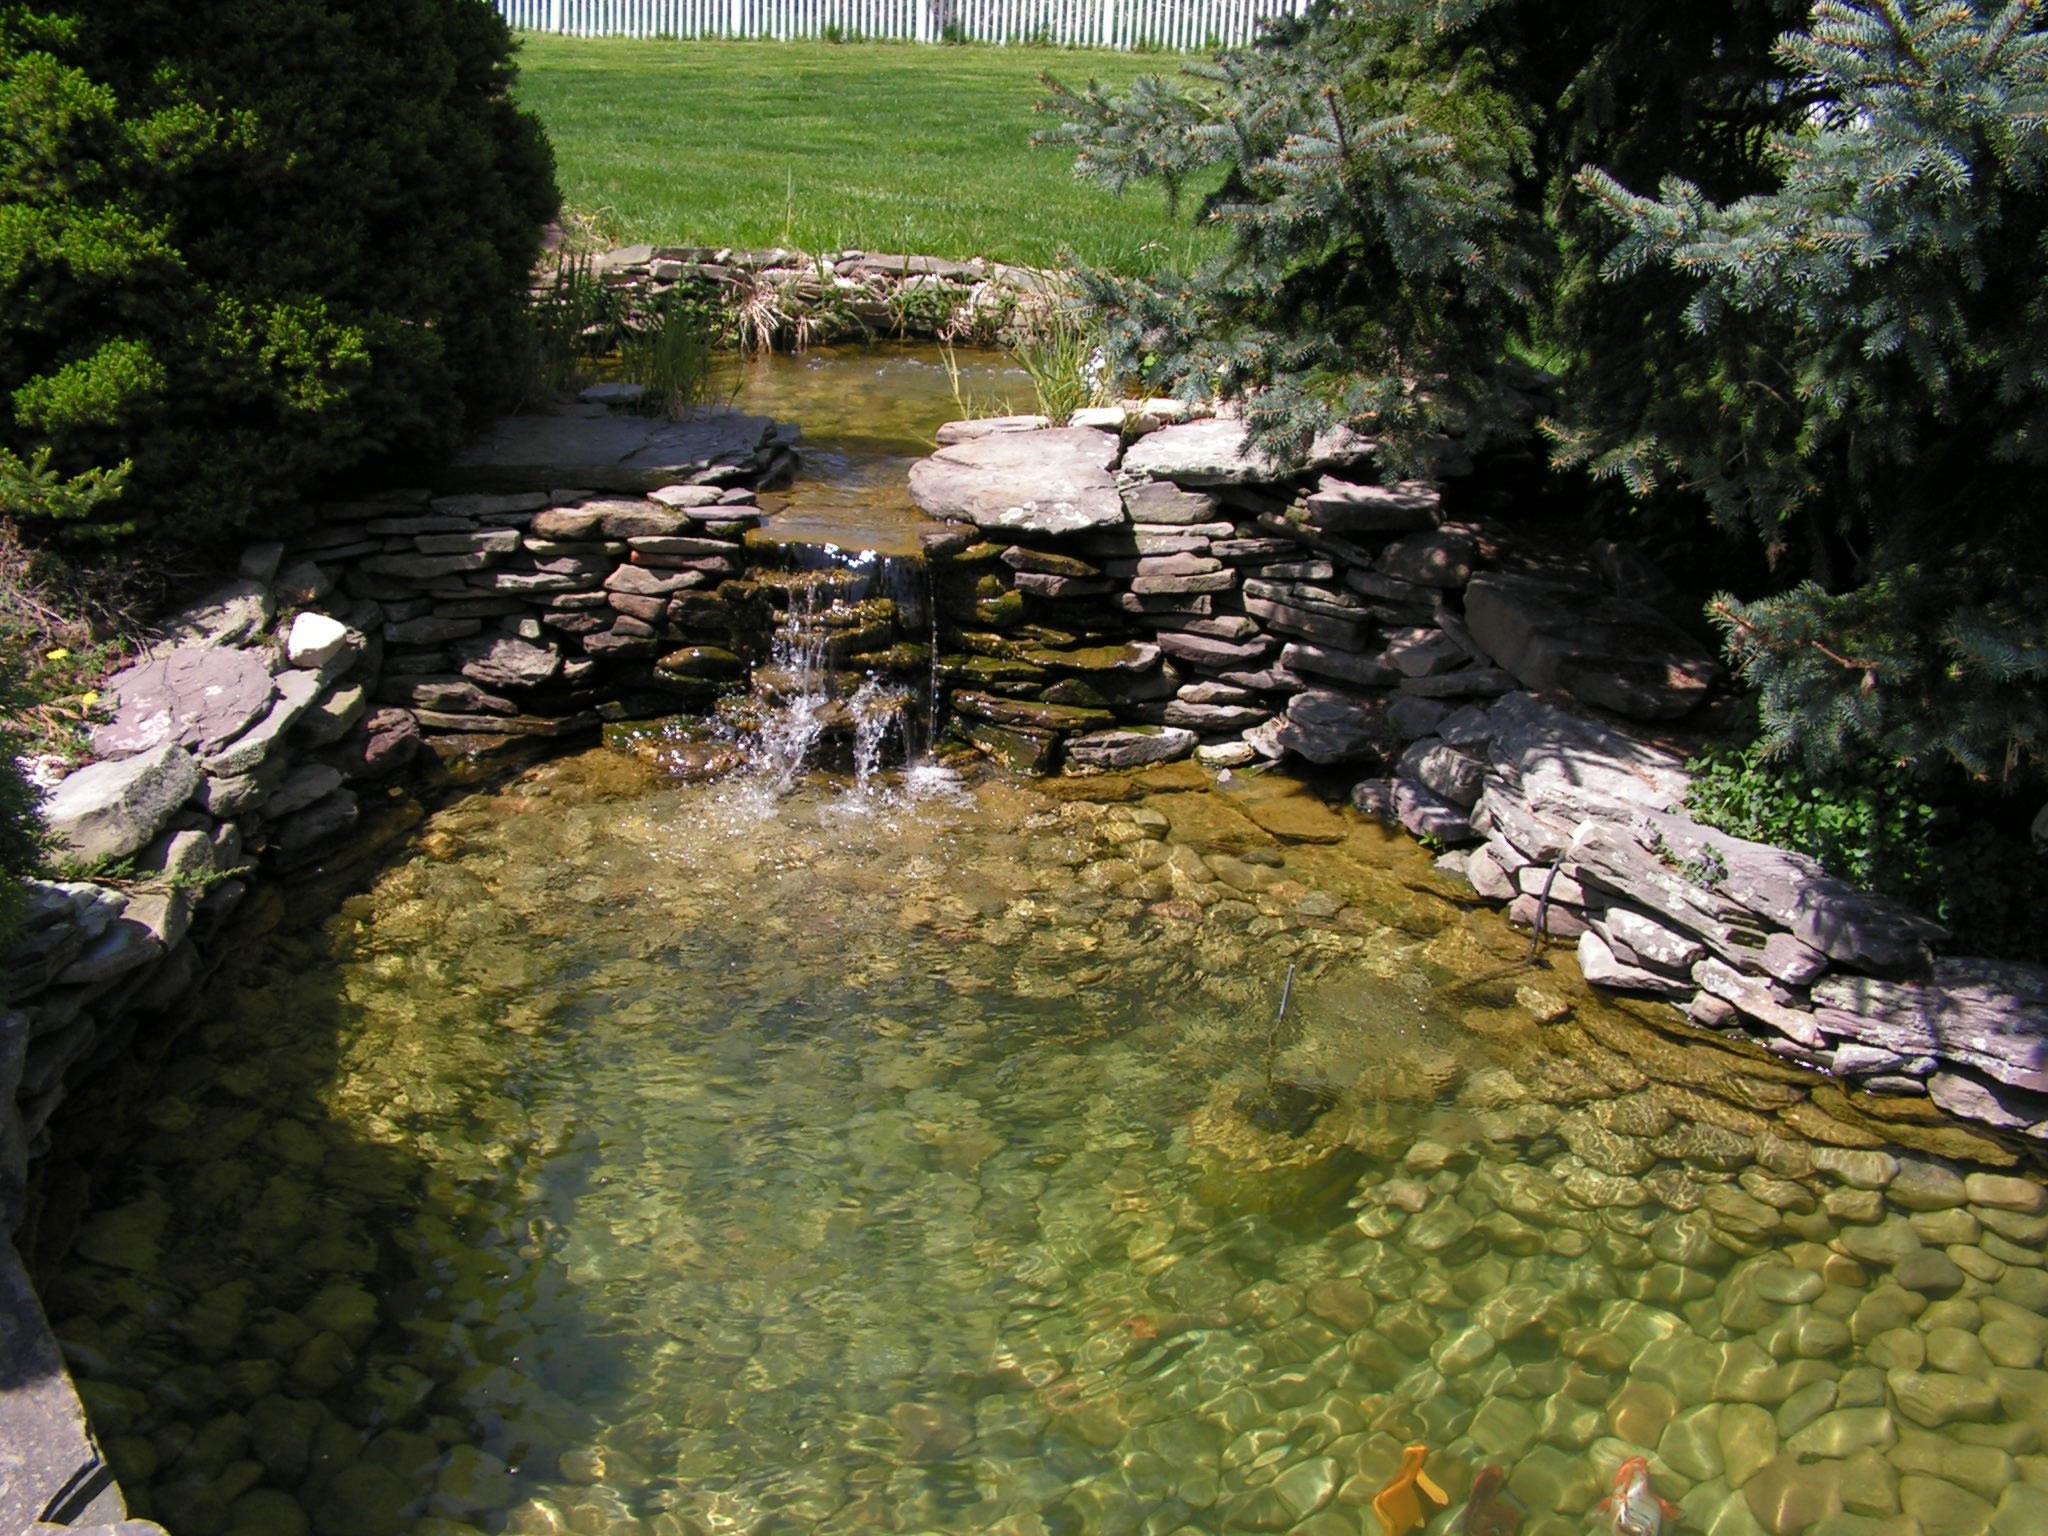 20 Koi Pond Ideas To Create A Unique Garden - I Do Myself on Koi Ponds Ideas id=28432